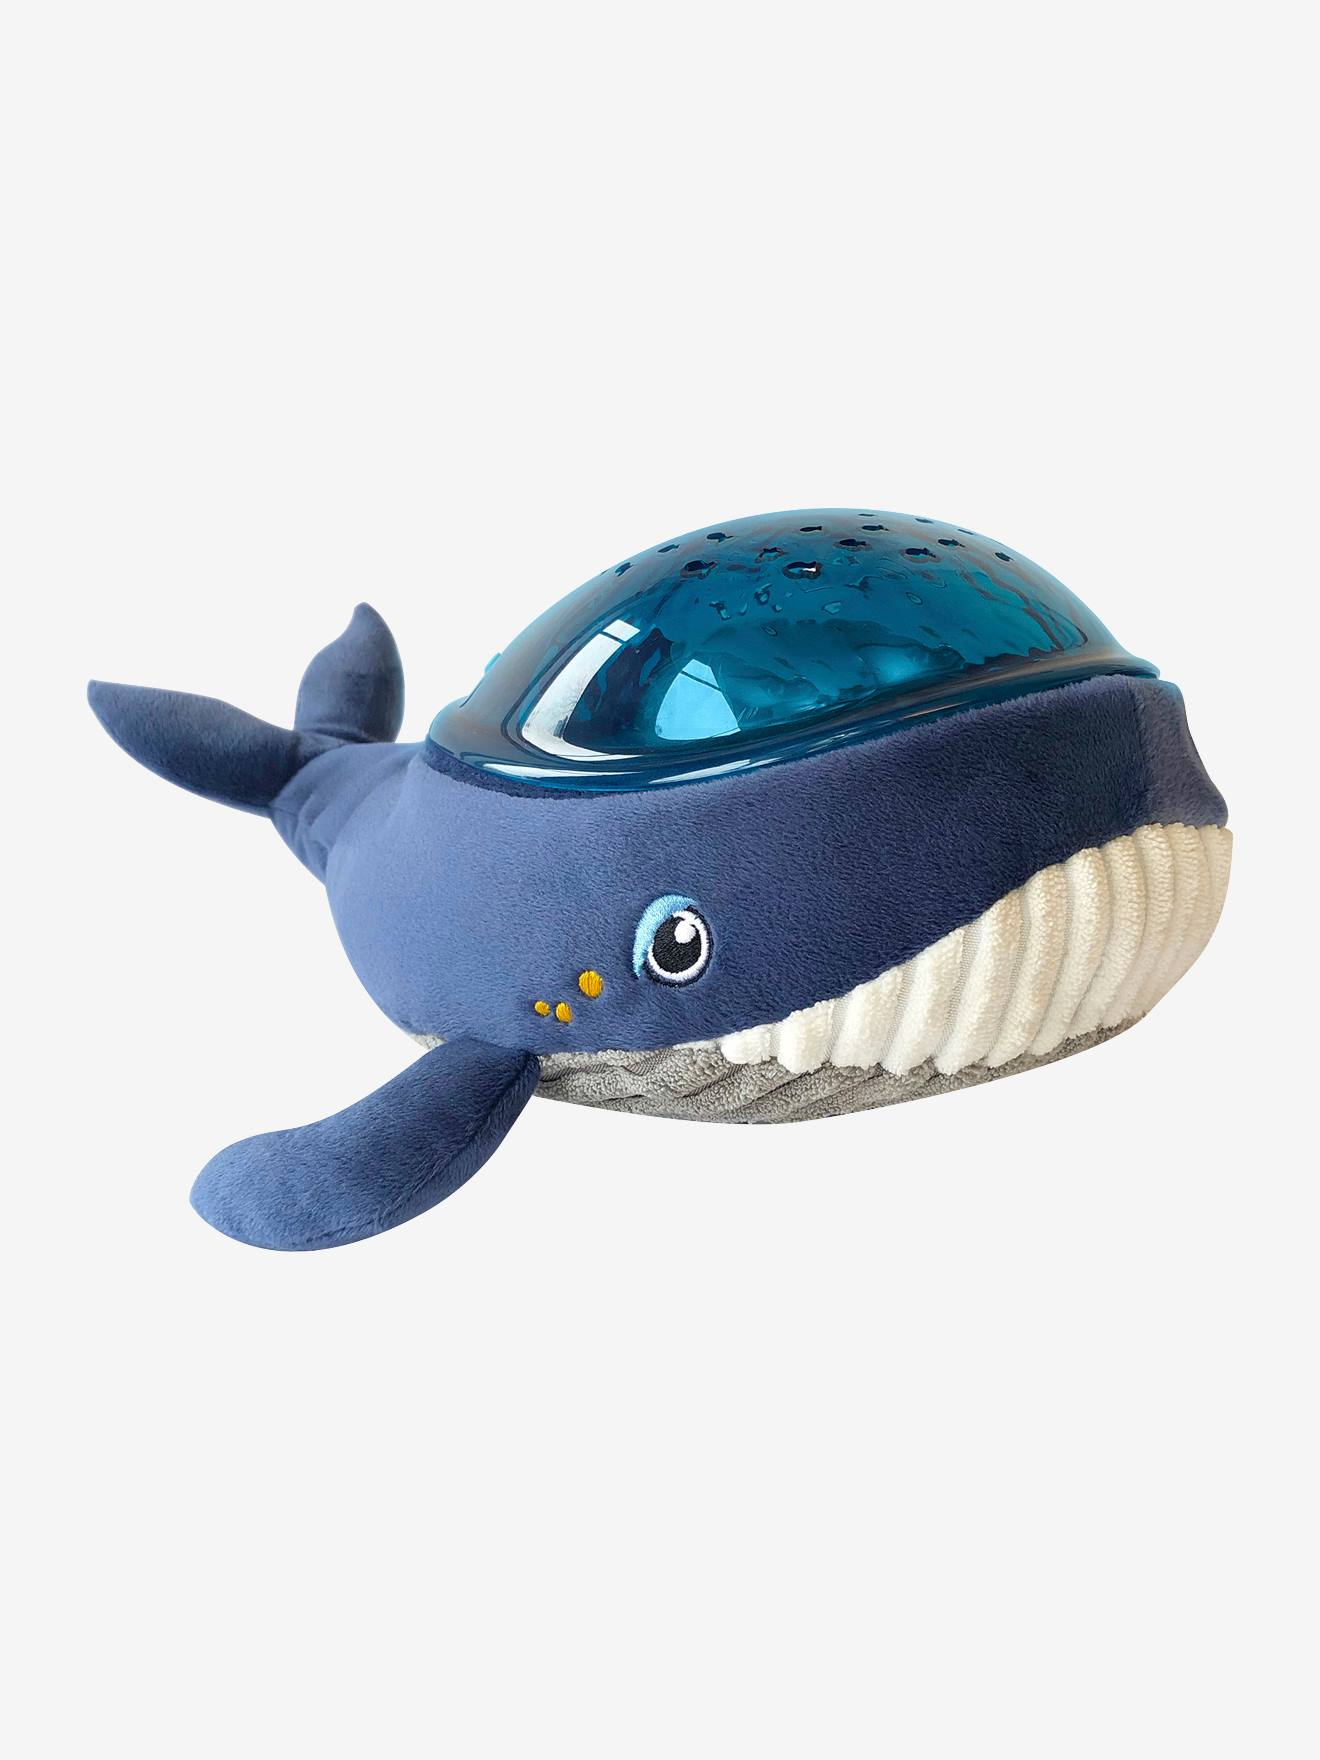 Projetor dinâmico Baleia Aquadream, da PABOBO azul escuro liso com motivo